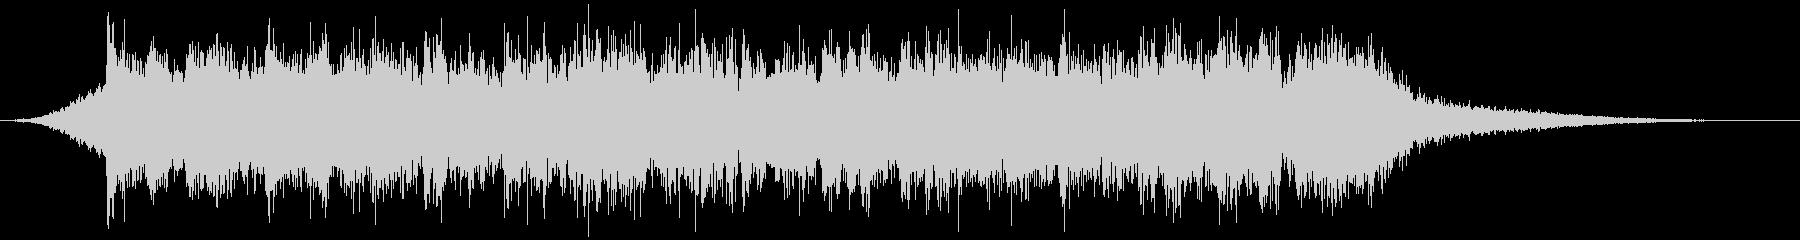 企業VP映像、152オーケストラ、爽快cの未再生の波形